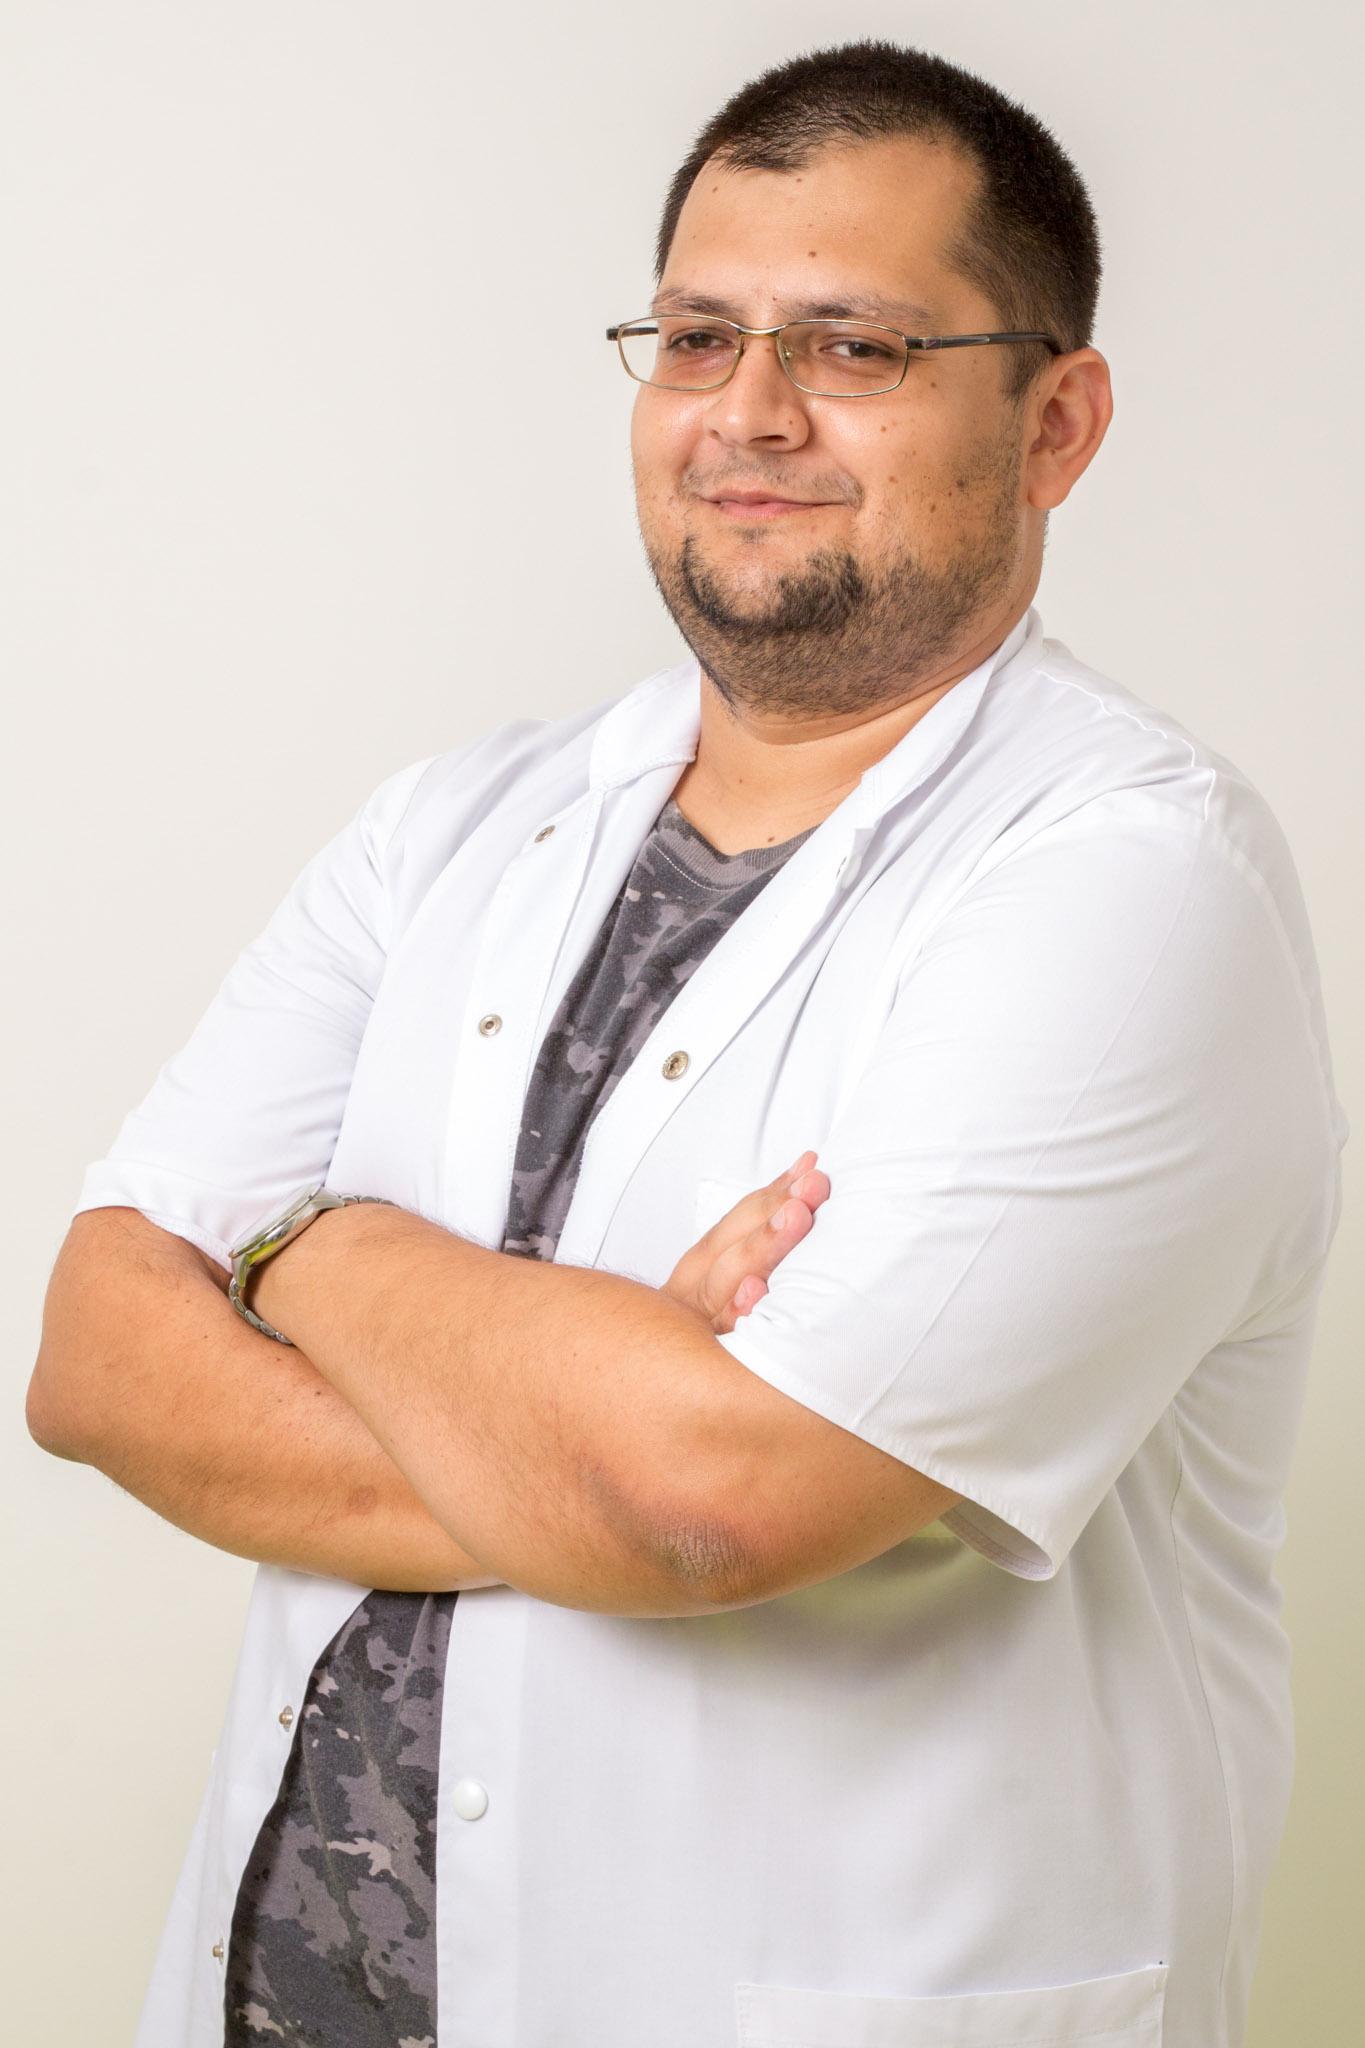 Dr. Csaba Kovacs